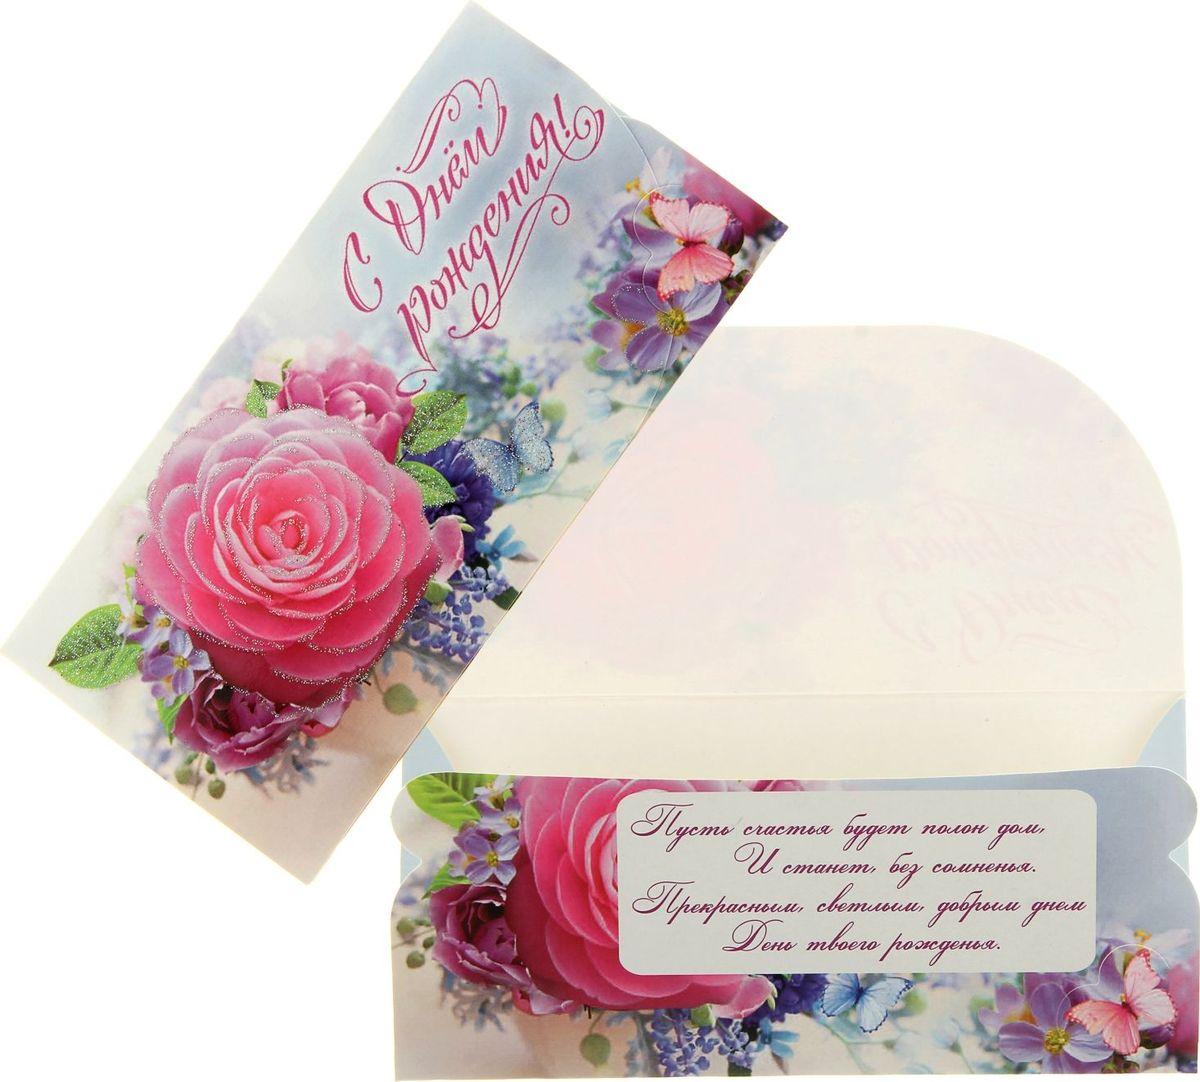 Конверт для денег Фокскард С Днем рождения! Розовая роза, 16,5 х 9 см897413Невозможно представить нашу жизнь без праздников! Мы всегда ждём их и предвкушаем, обдумываем, как проведём памятный день, тщательно выбираем подарки и аксессуары, ведь именно они создают и поддерживают торжественный настрой. Этот конверт - отличный выбор, который привнесёт атмосферу праздника в ваш дом!